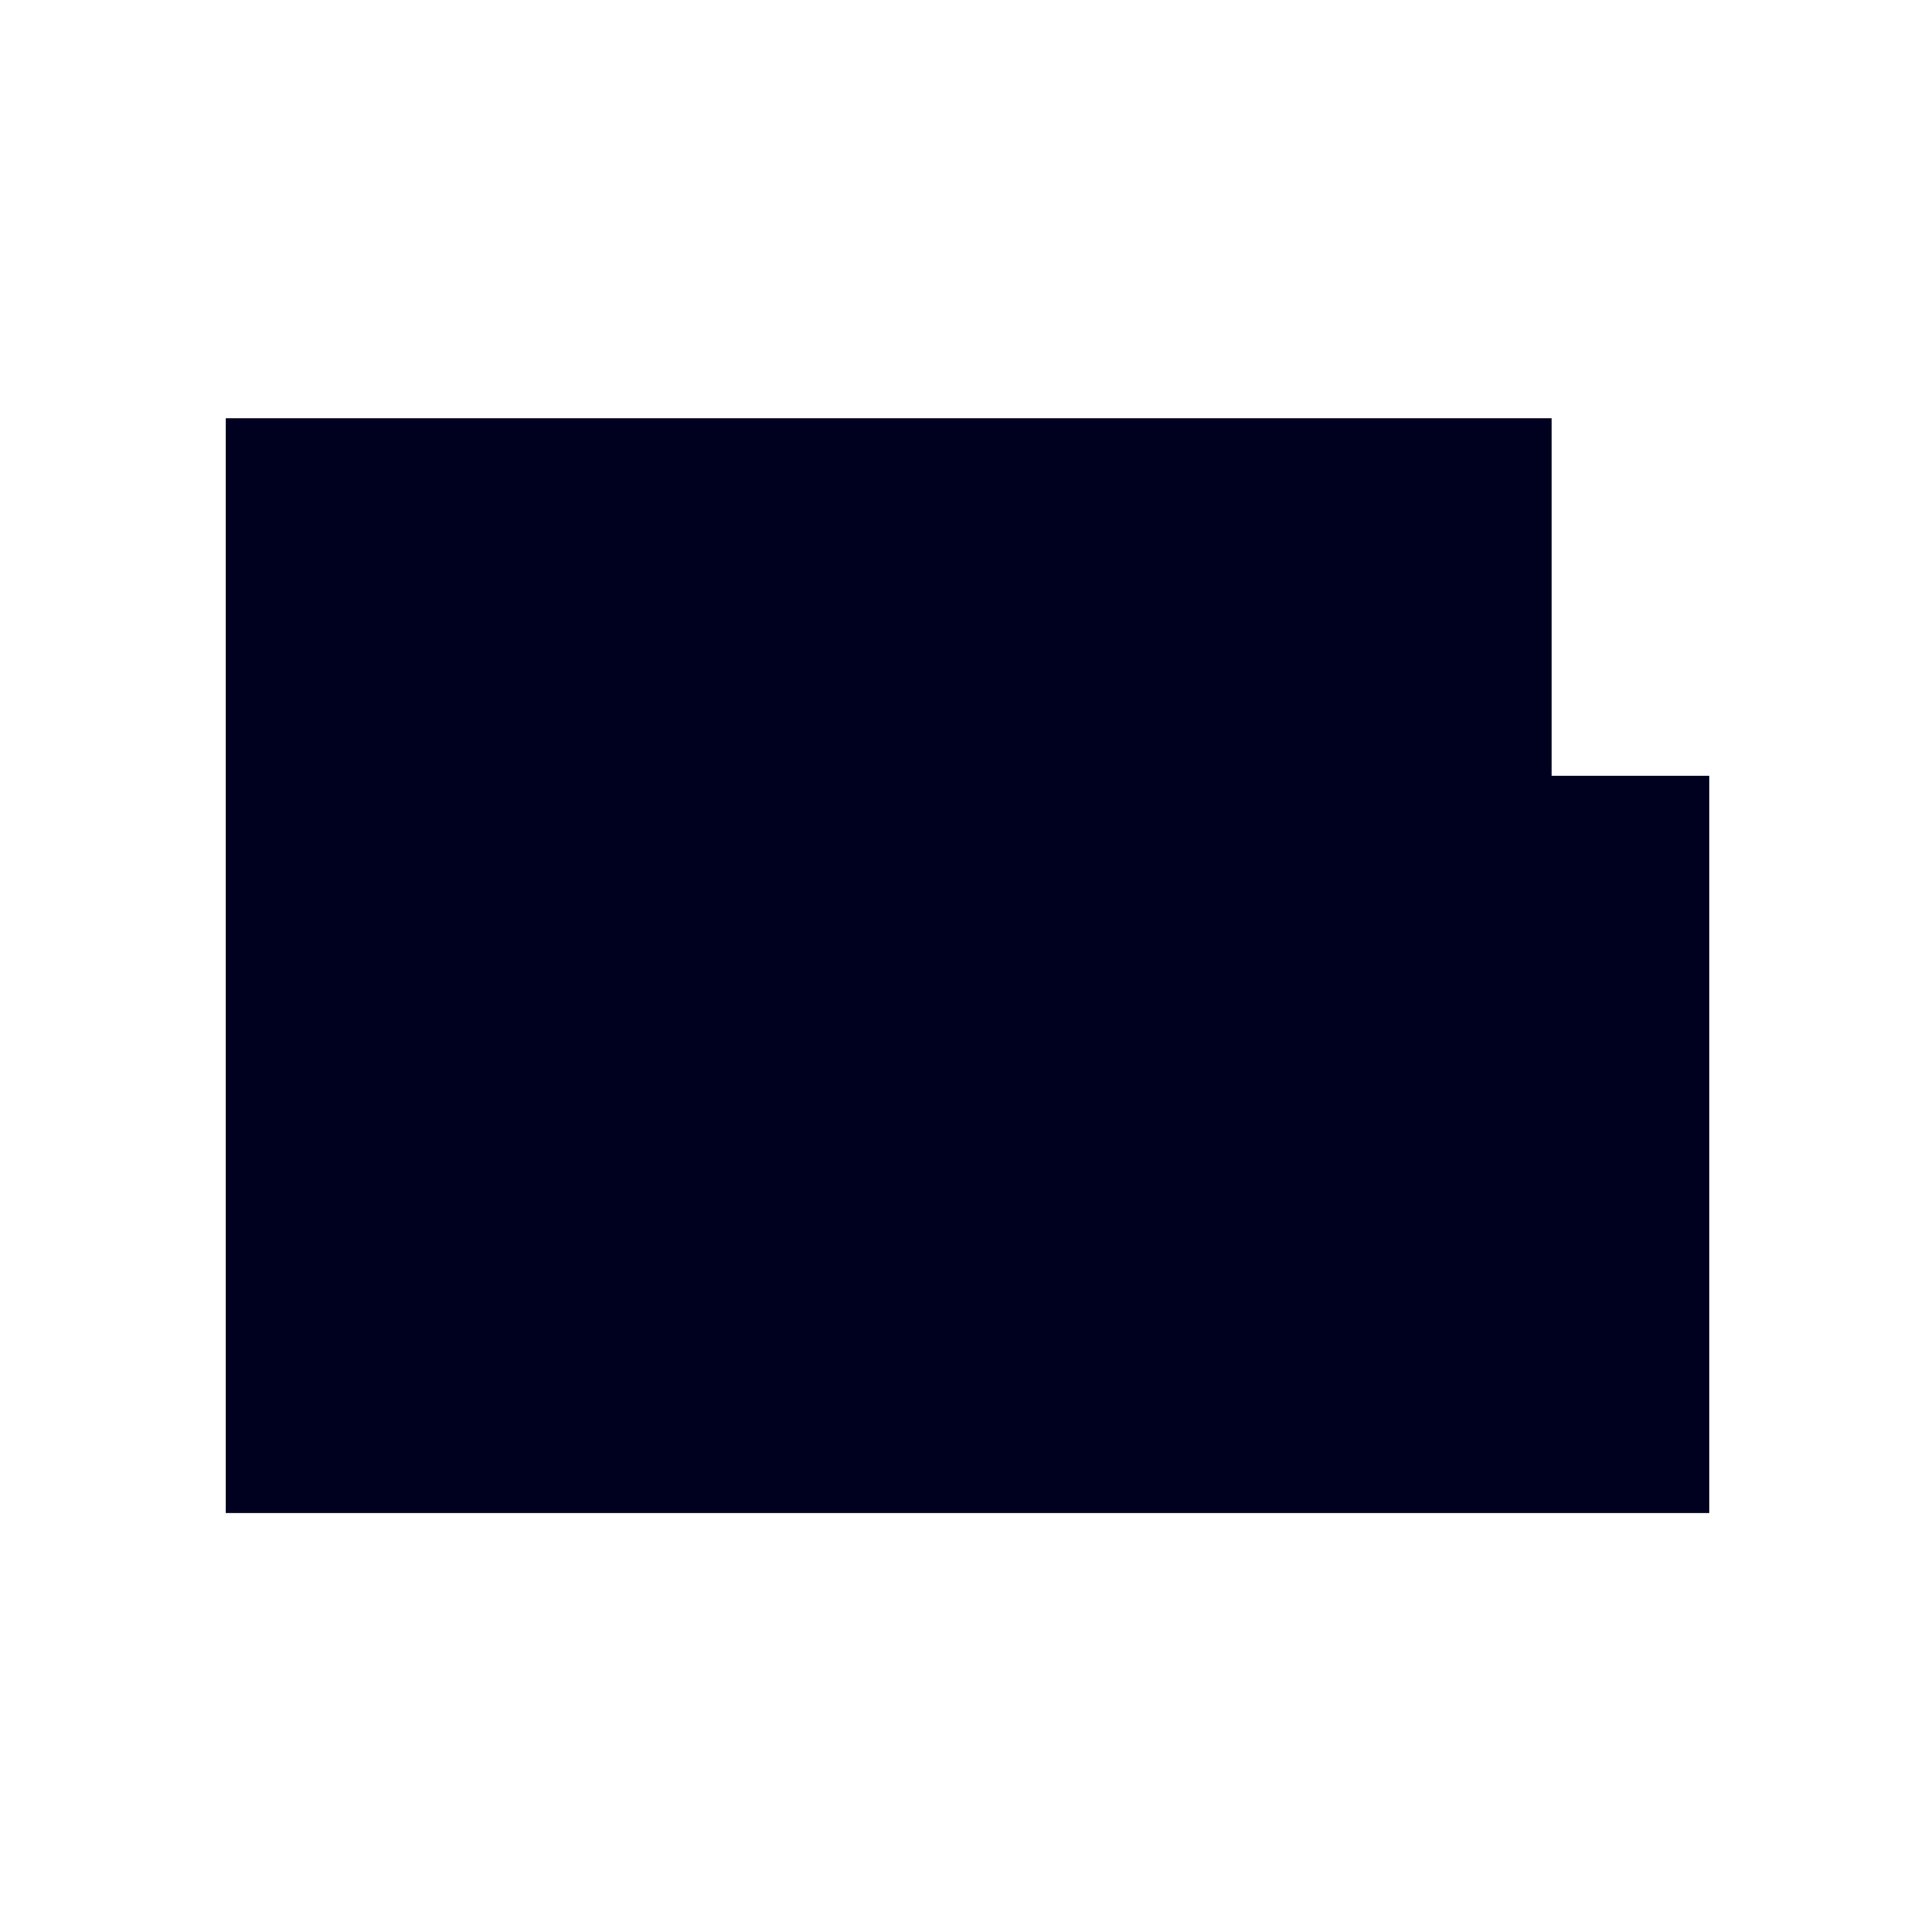 LIH Eiendom